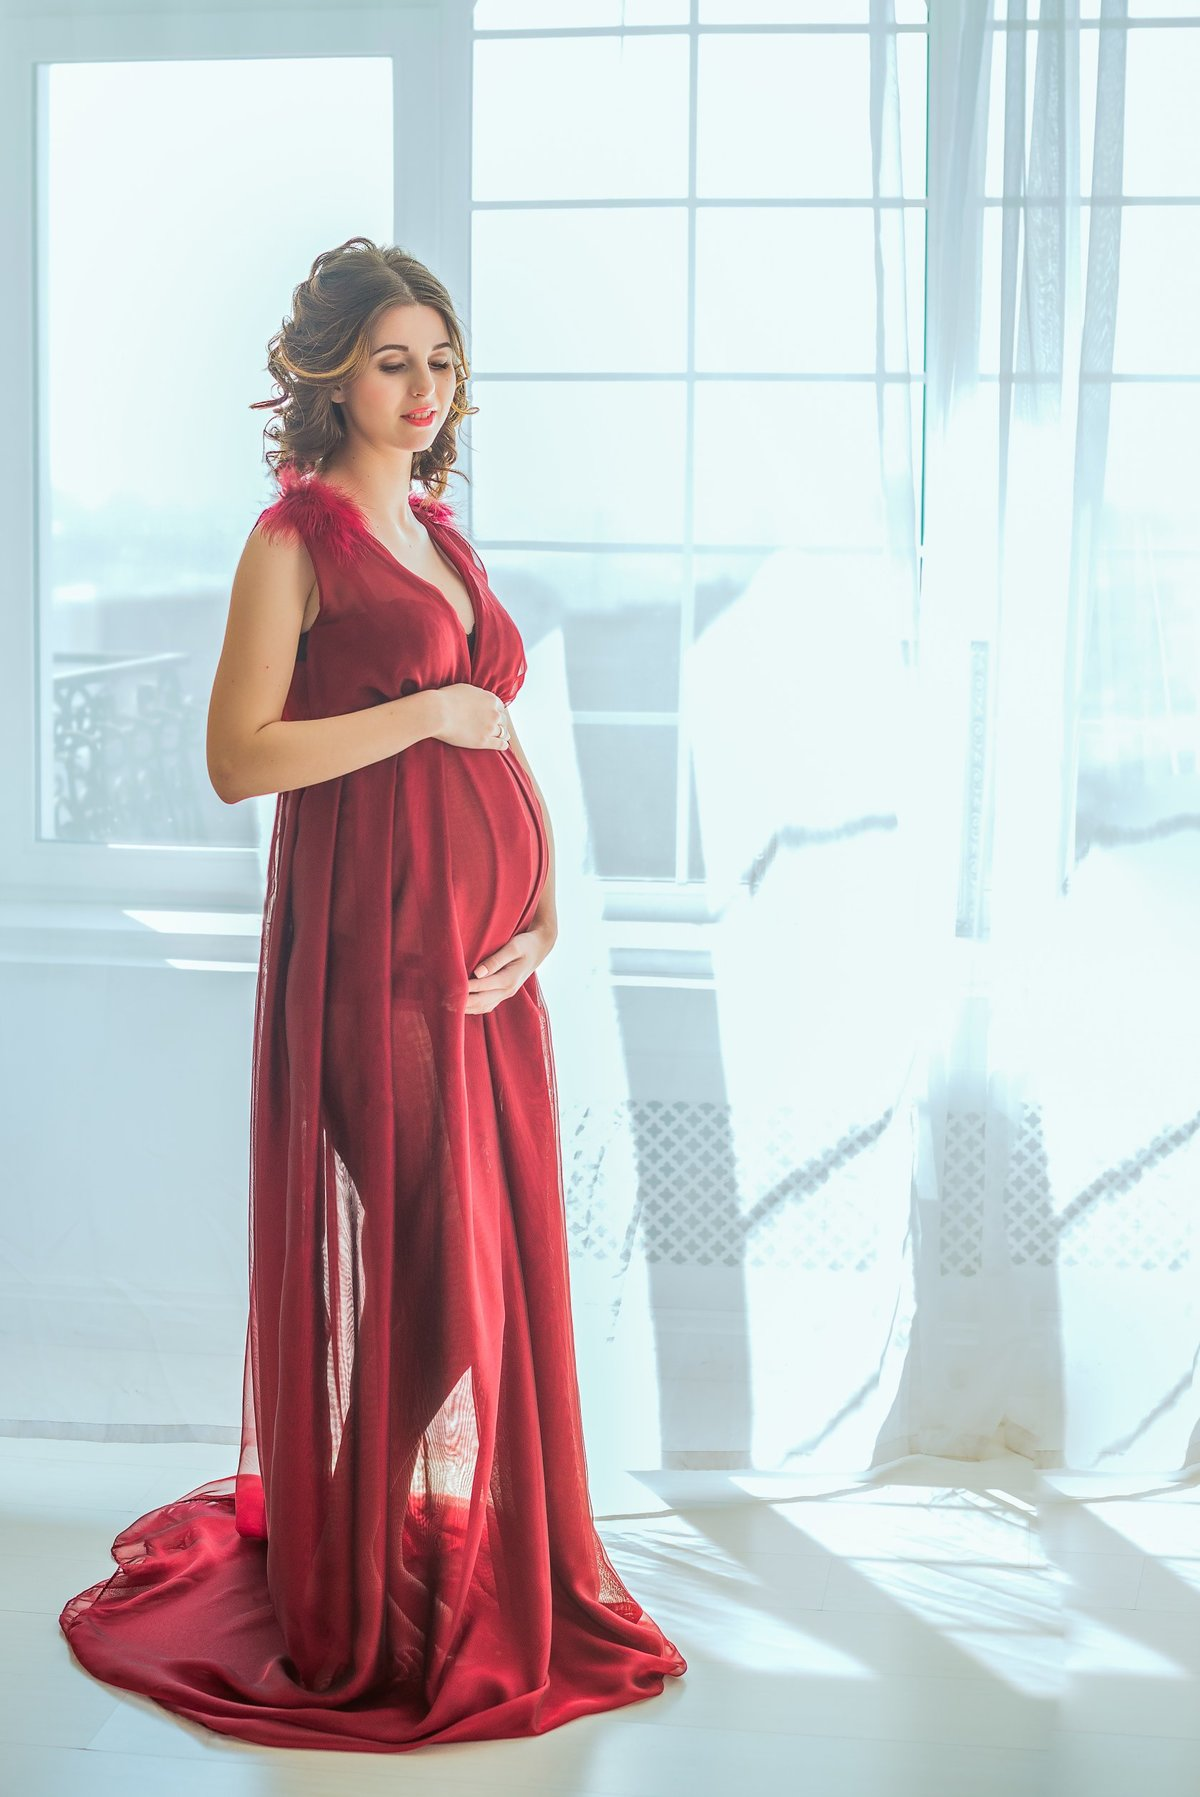 Что означает если девушке приснилось что она беременная 48